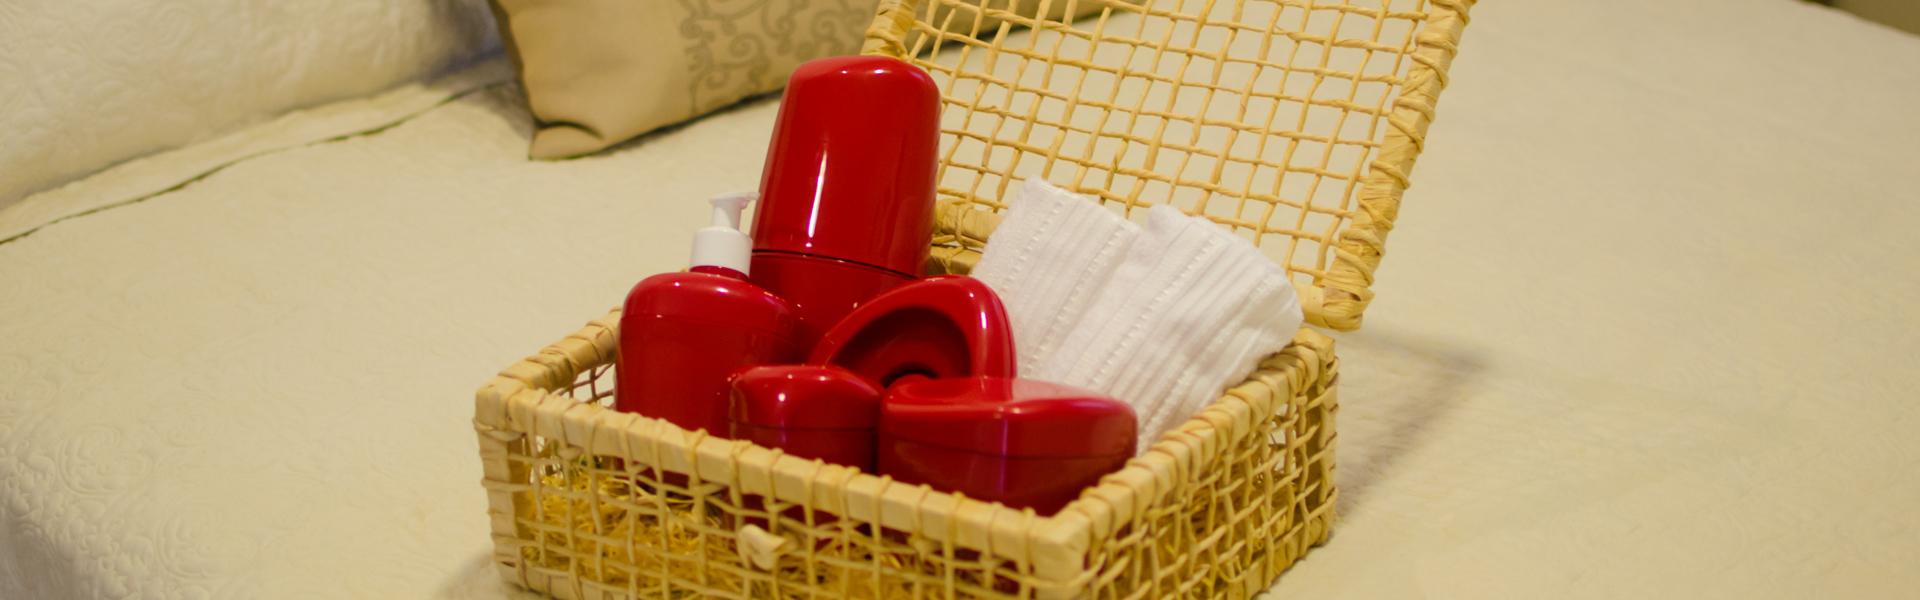 Banheiro - Kit de acessórios